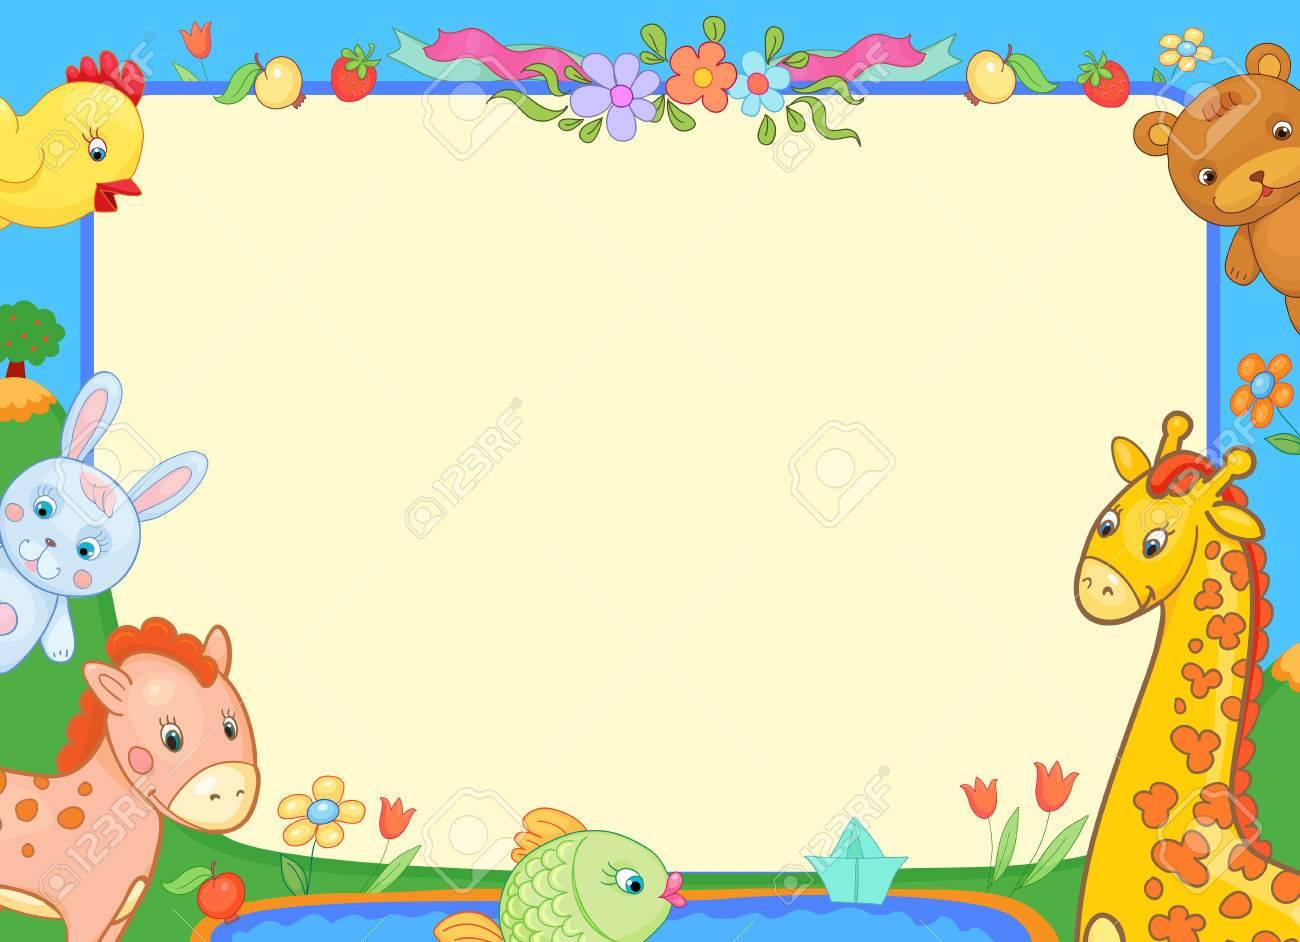 バナー動物幼稚園面白い花メッセージ ベクター イラスト ポスター